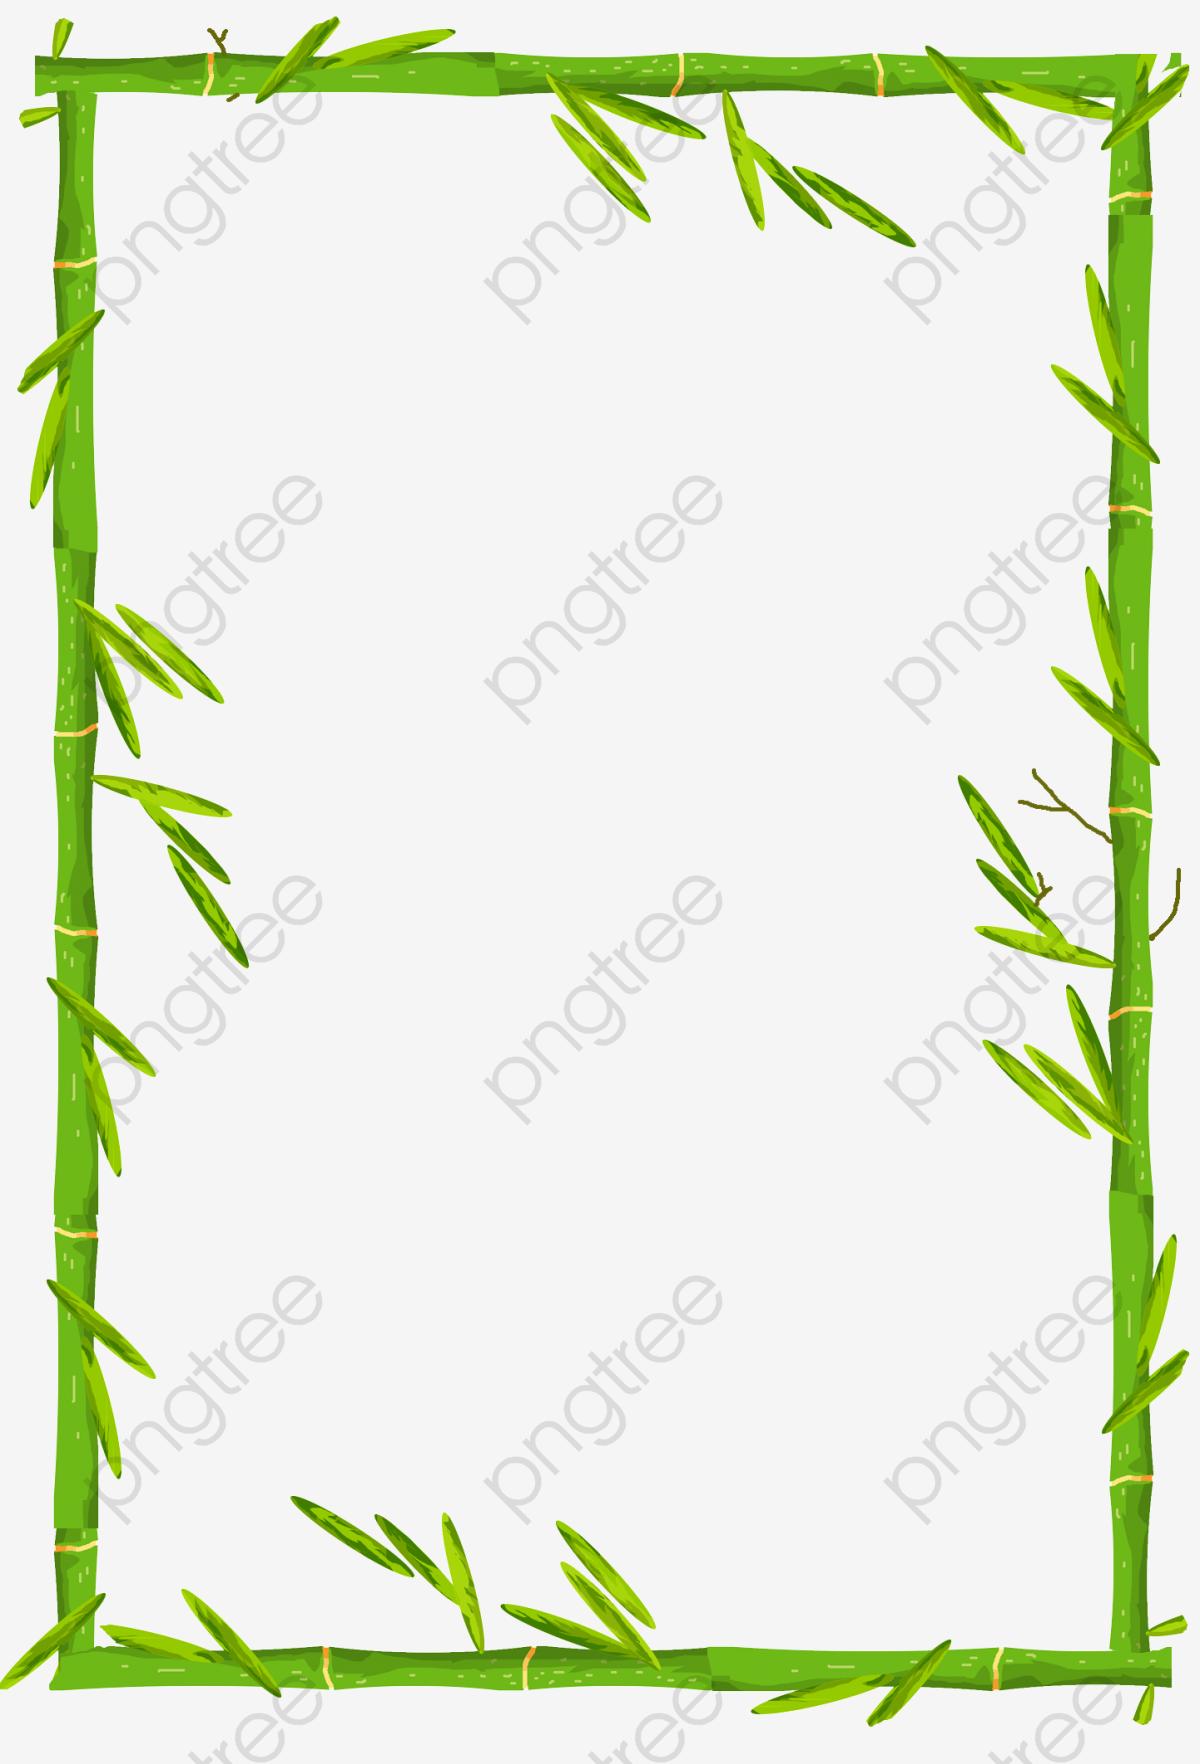 Bordure De Bambou, Bordure De Bambou, Bordure, Bambou Image PNG pour.